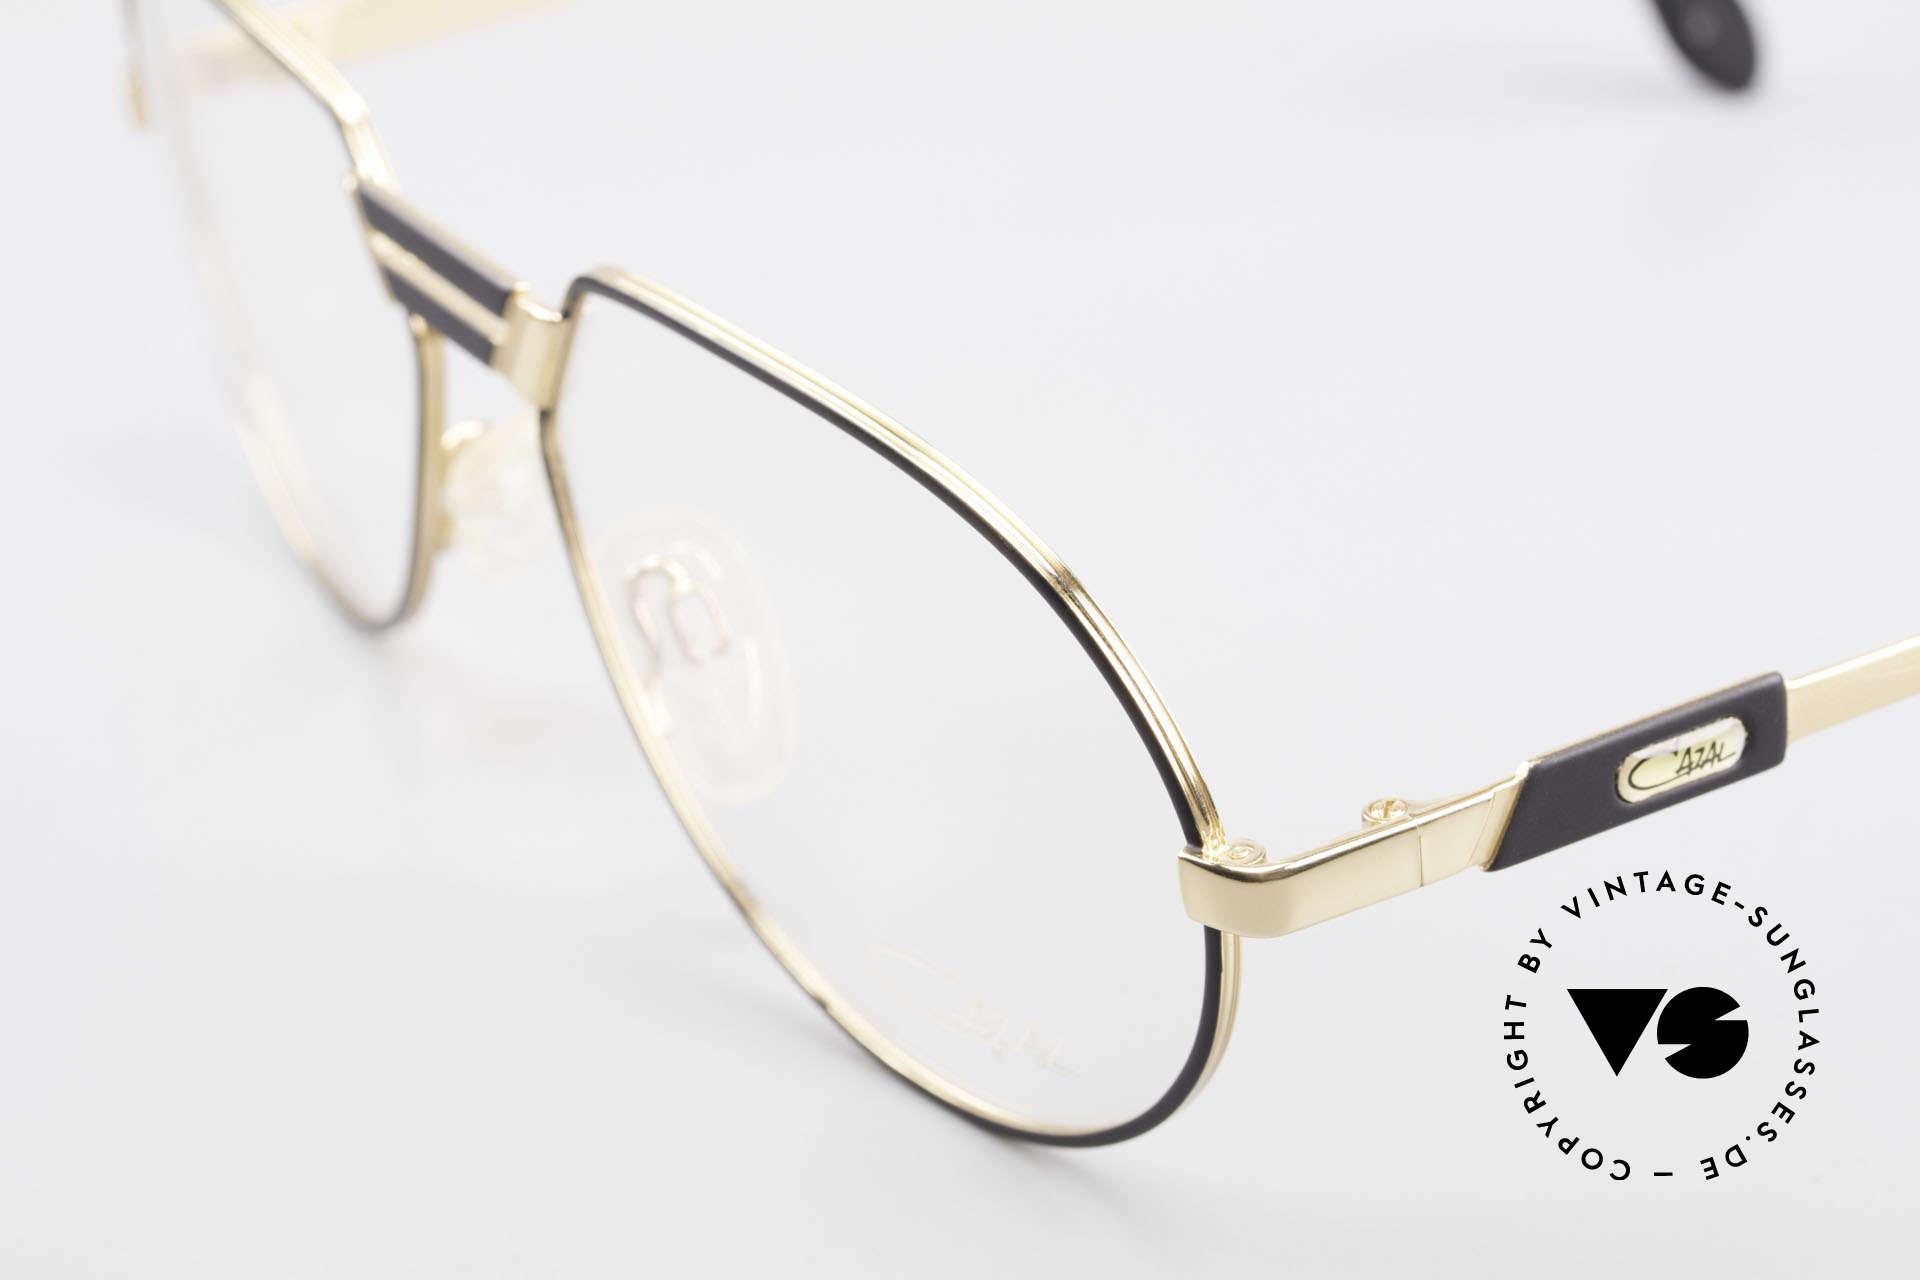 Cazal 739 Extraordinary Eyeglasses, NO retro specs, but a genuine old vintage original, Made for Men